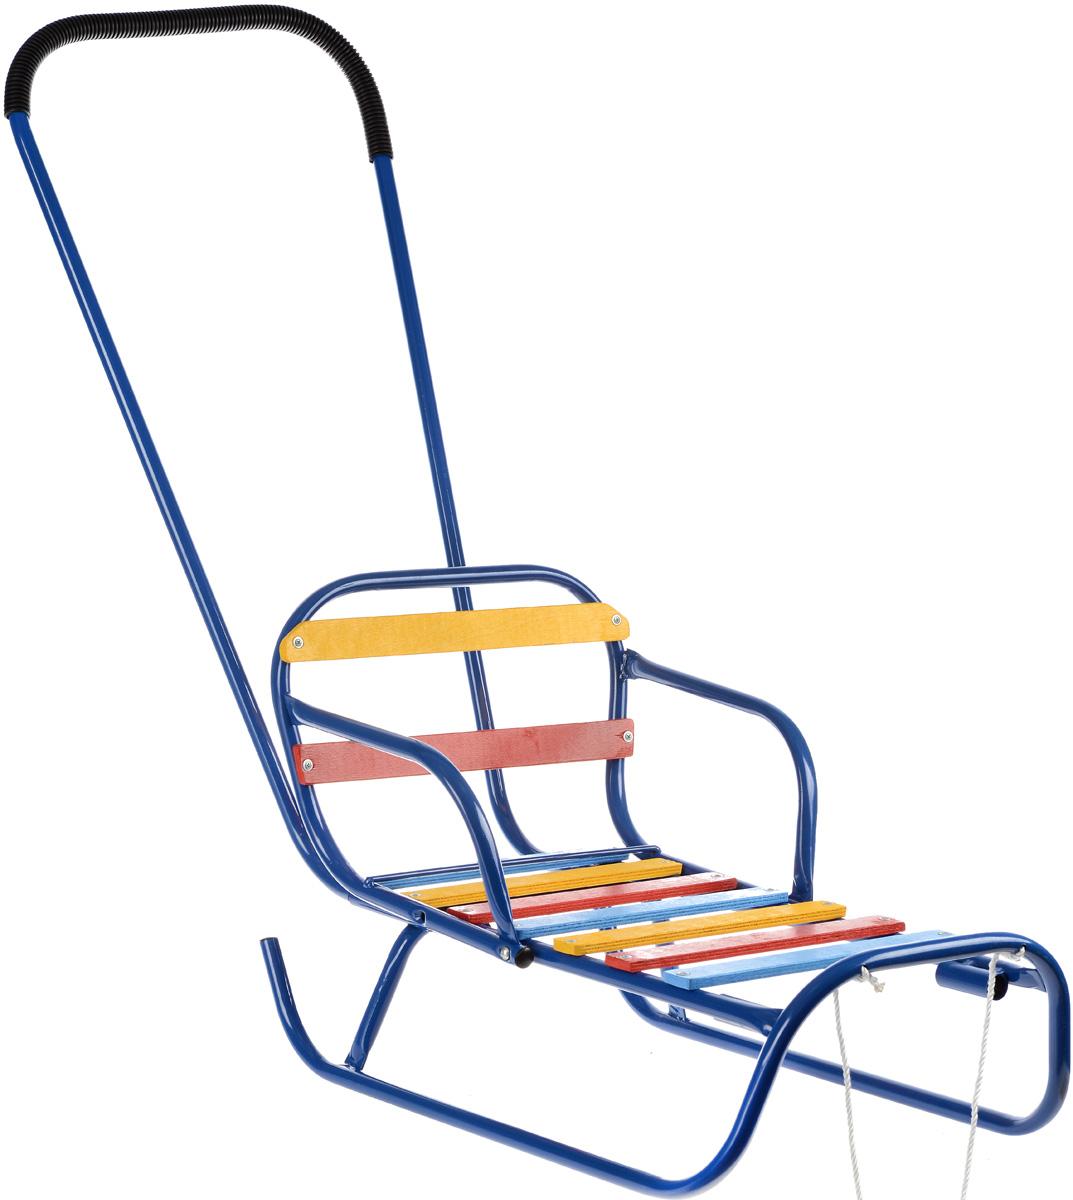 Санки-трансформер, со съемным толкателем и спинкой, цвет: синий. З-1145.08Пл-С90Санки-трансформер, со съемным толкателем и спинкой, цвет: синий. З-1145.08